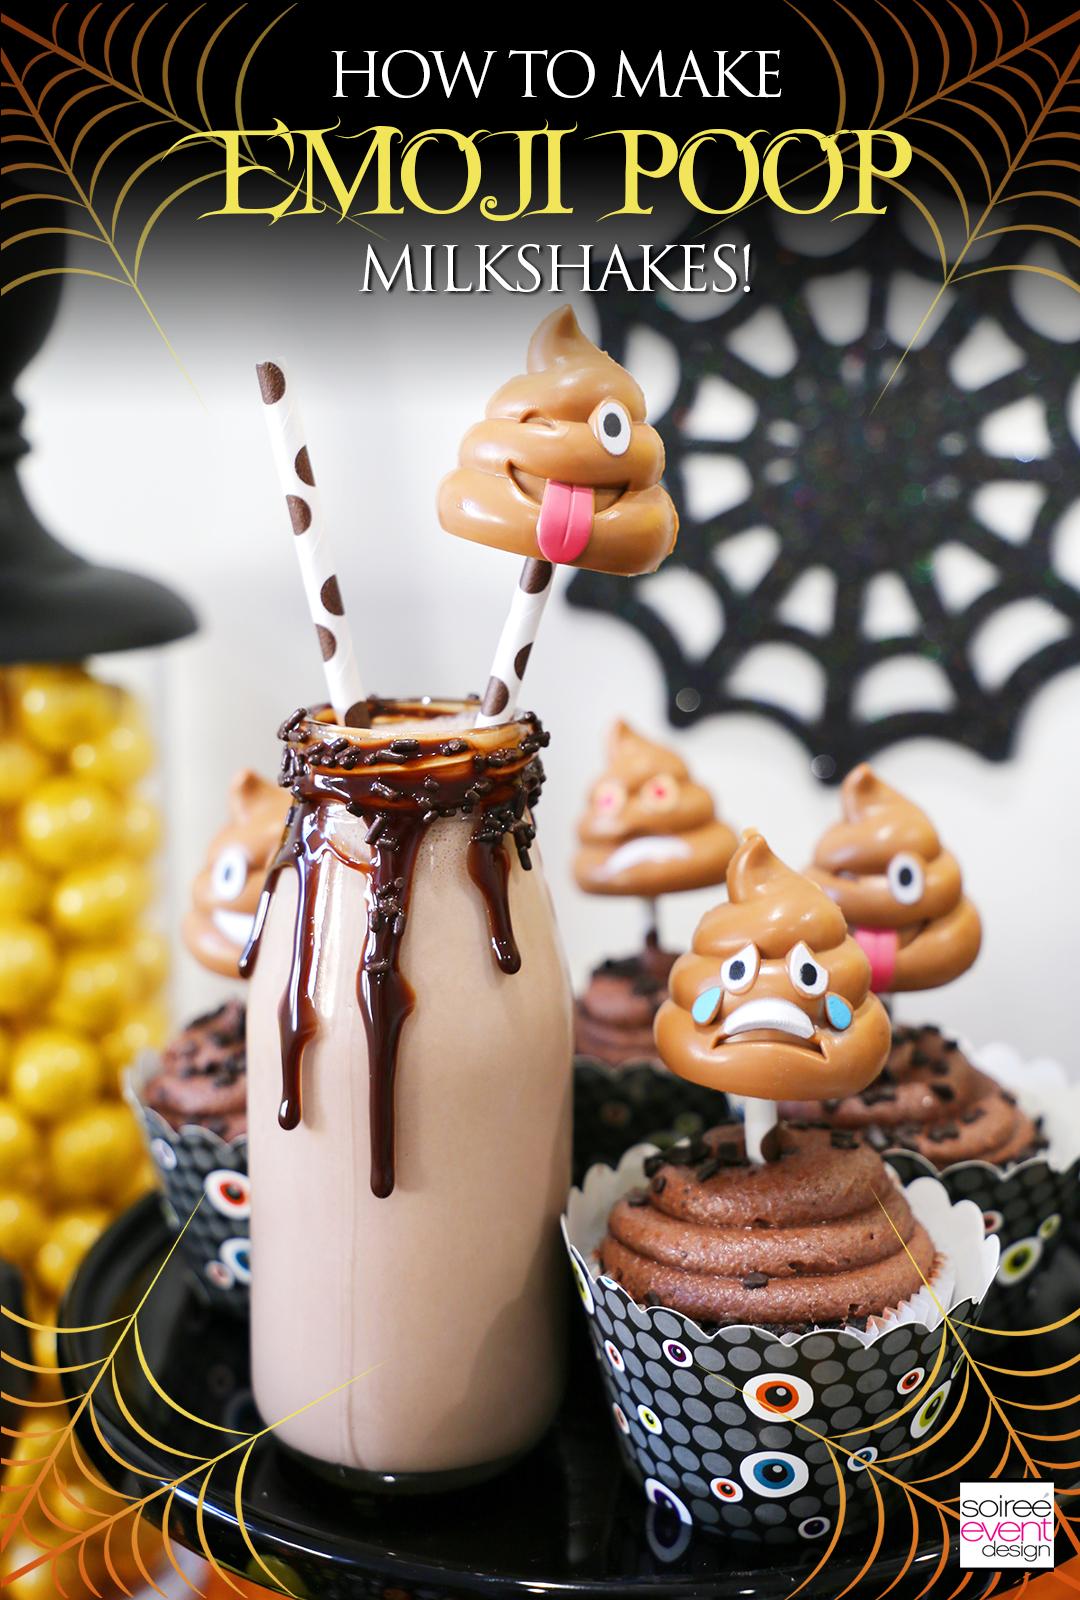 Poop Emoji Milkshakes